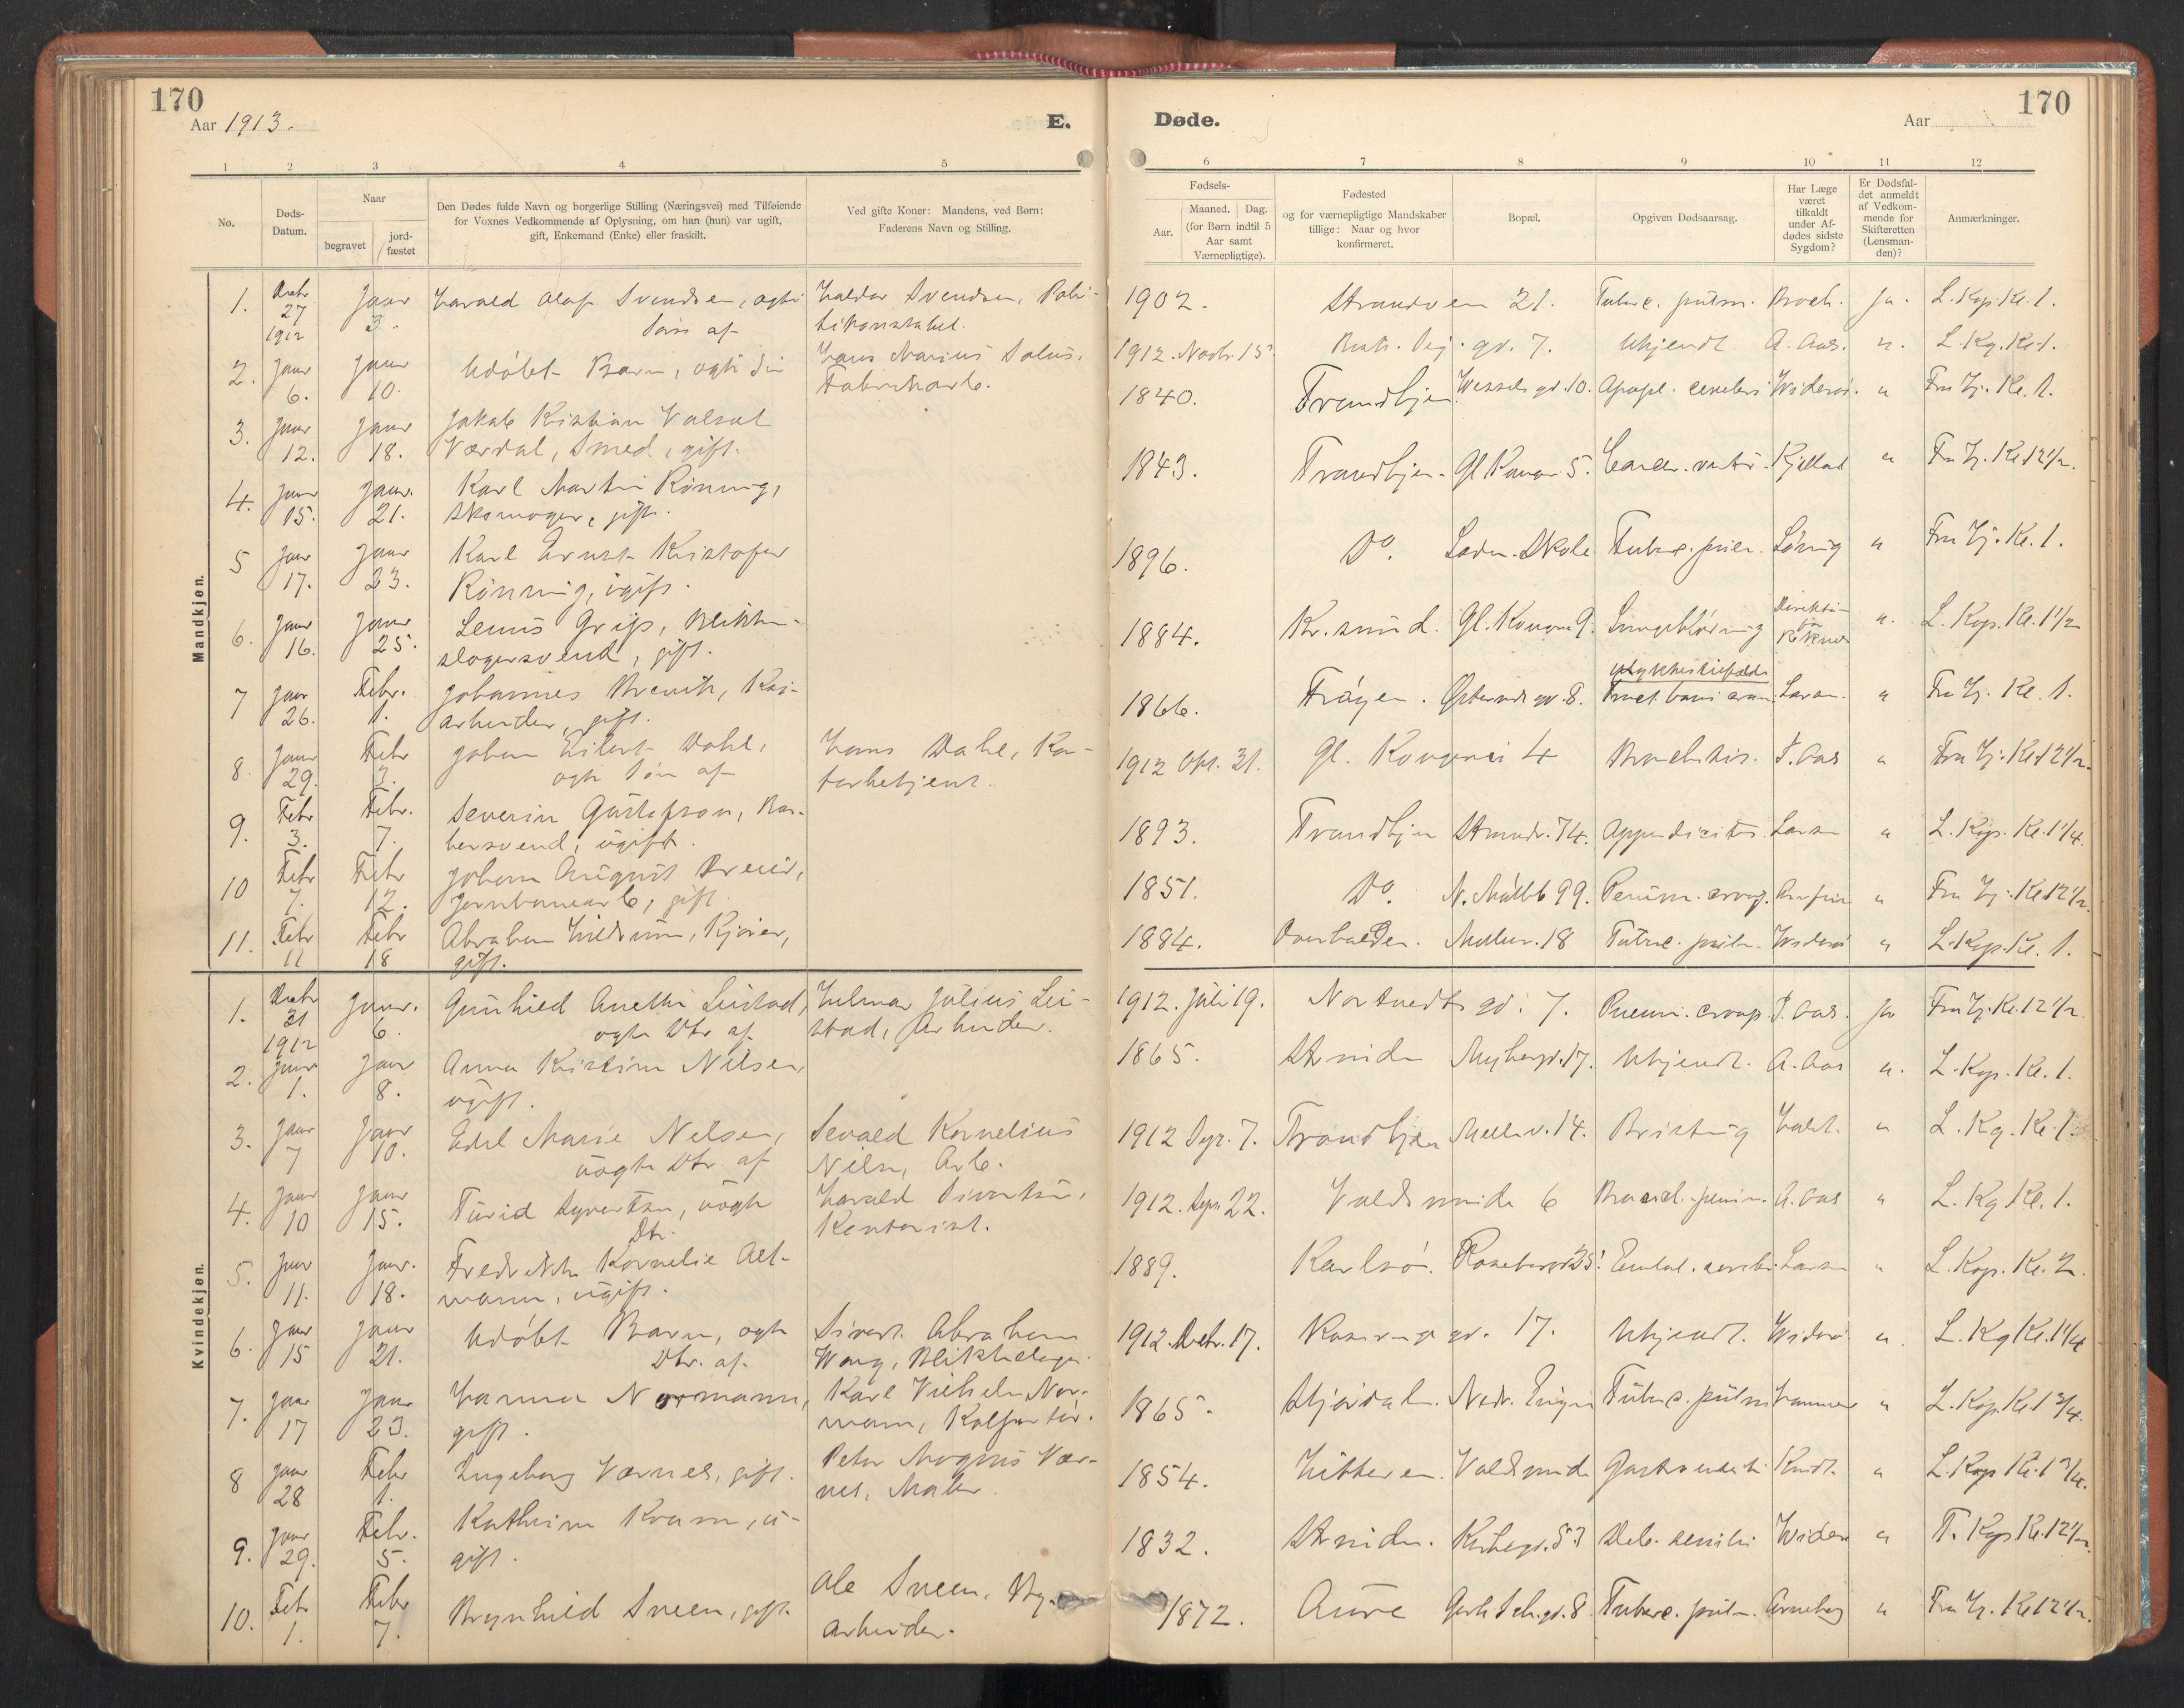 SAT, Ministerialprotokoller, klokkerbøker og fødselsregistre - Sør-Trøndelag, 605/L0244: Ministerialbok nr. 605A06, 1908-1954, s. 170